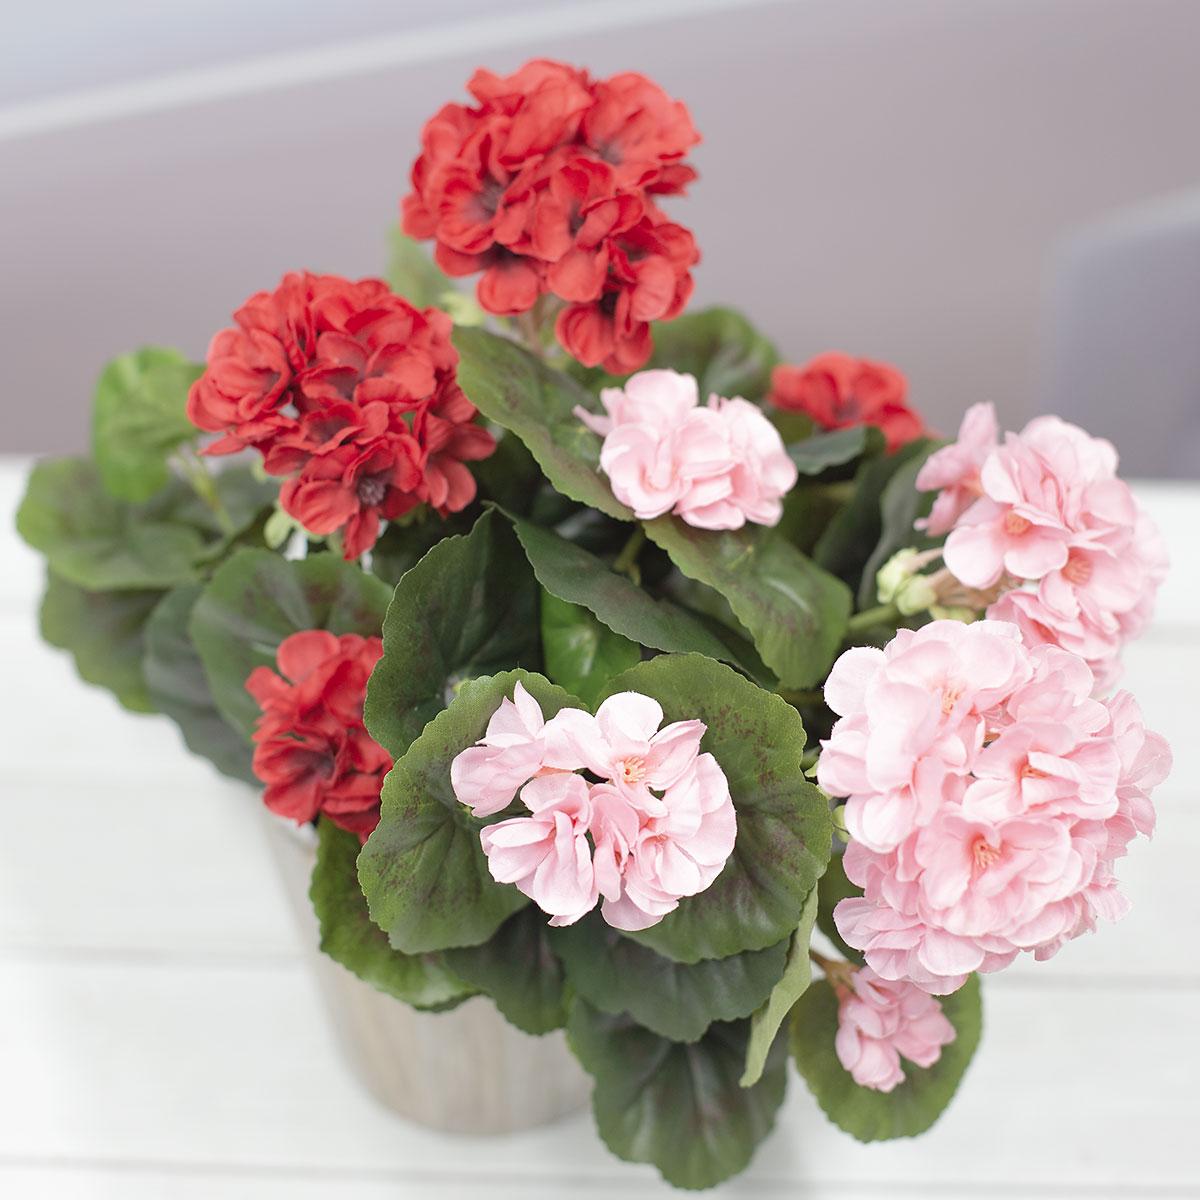 화분에 꽂아놓은 두가지 색상의 제라늄 꽃 부쉬 색상비교사진